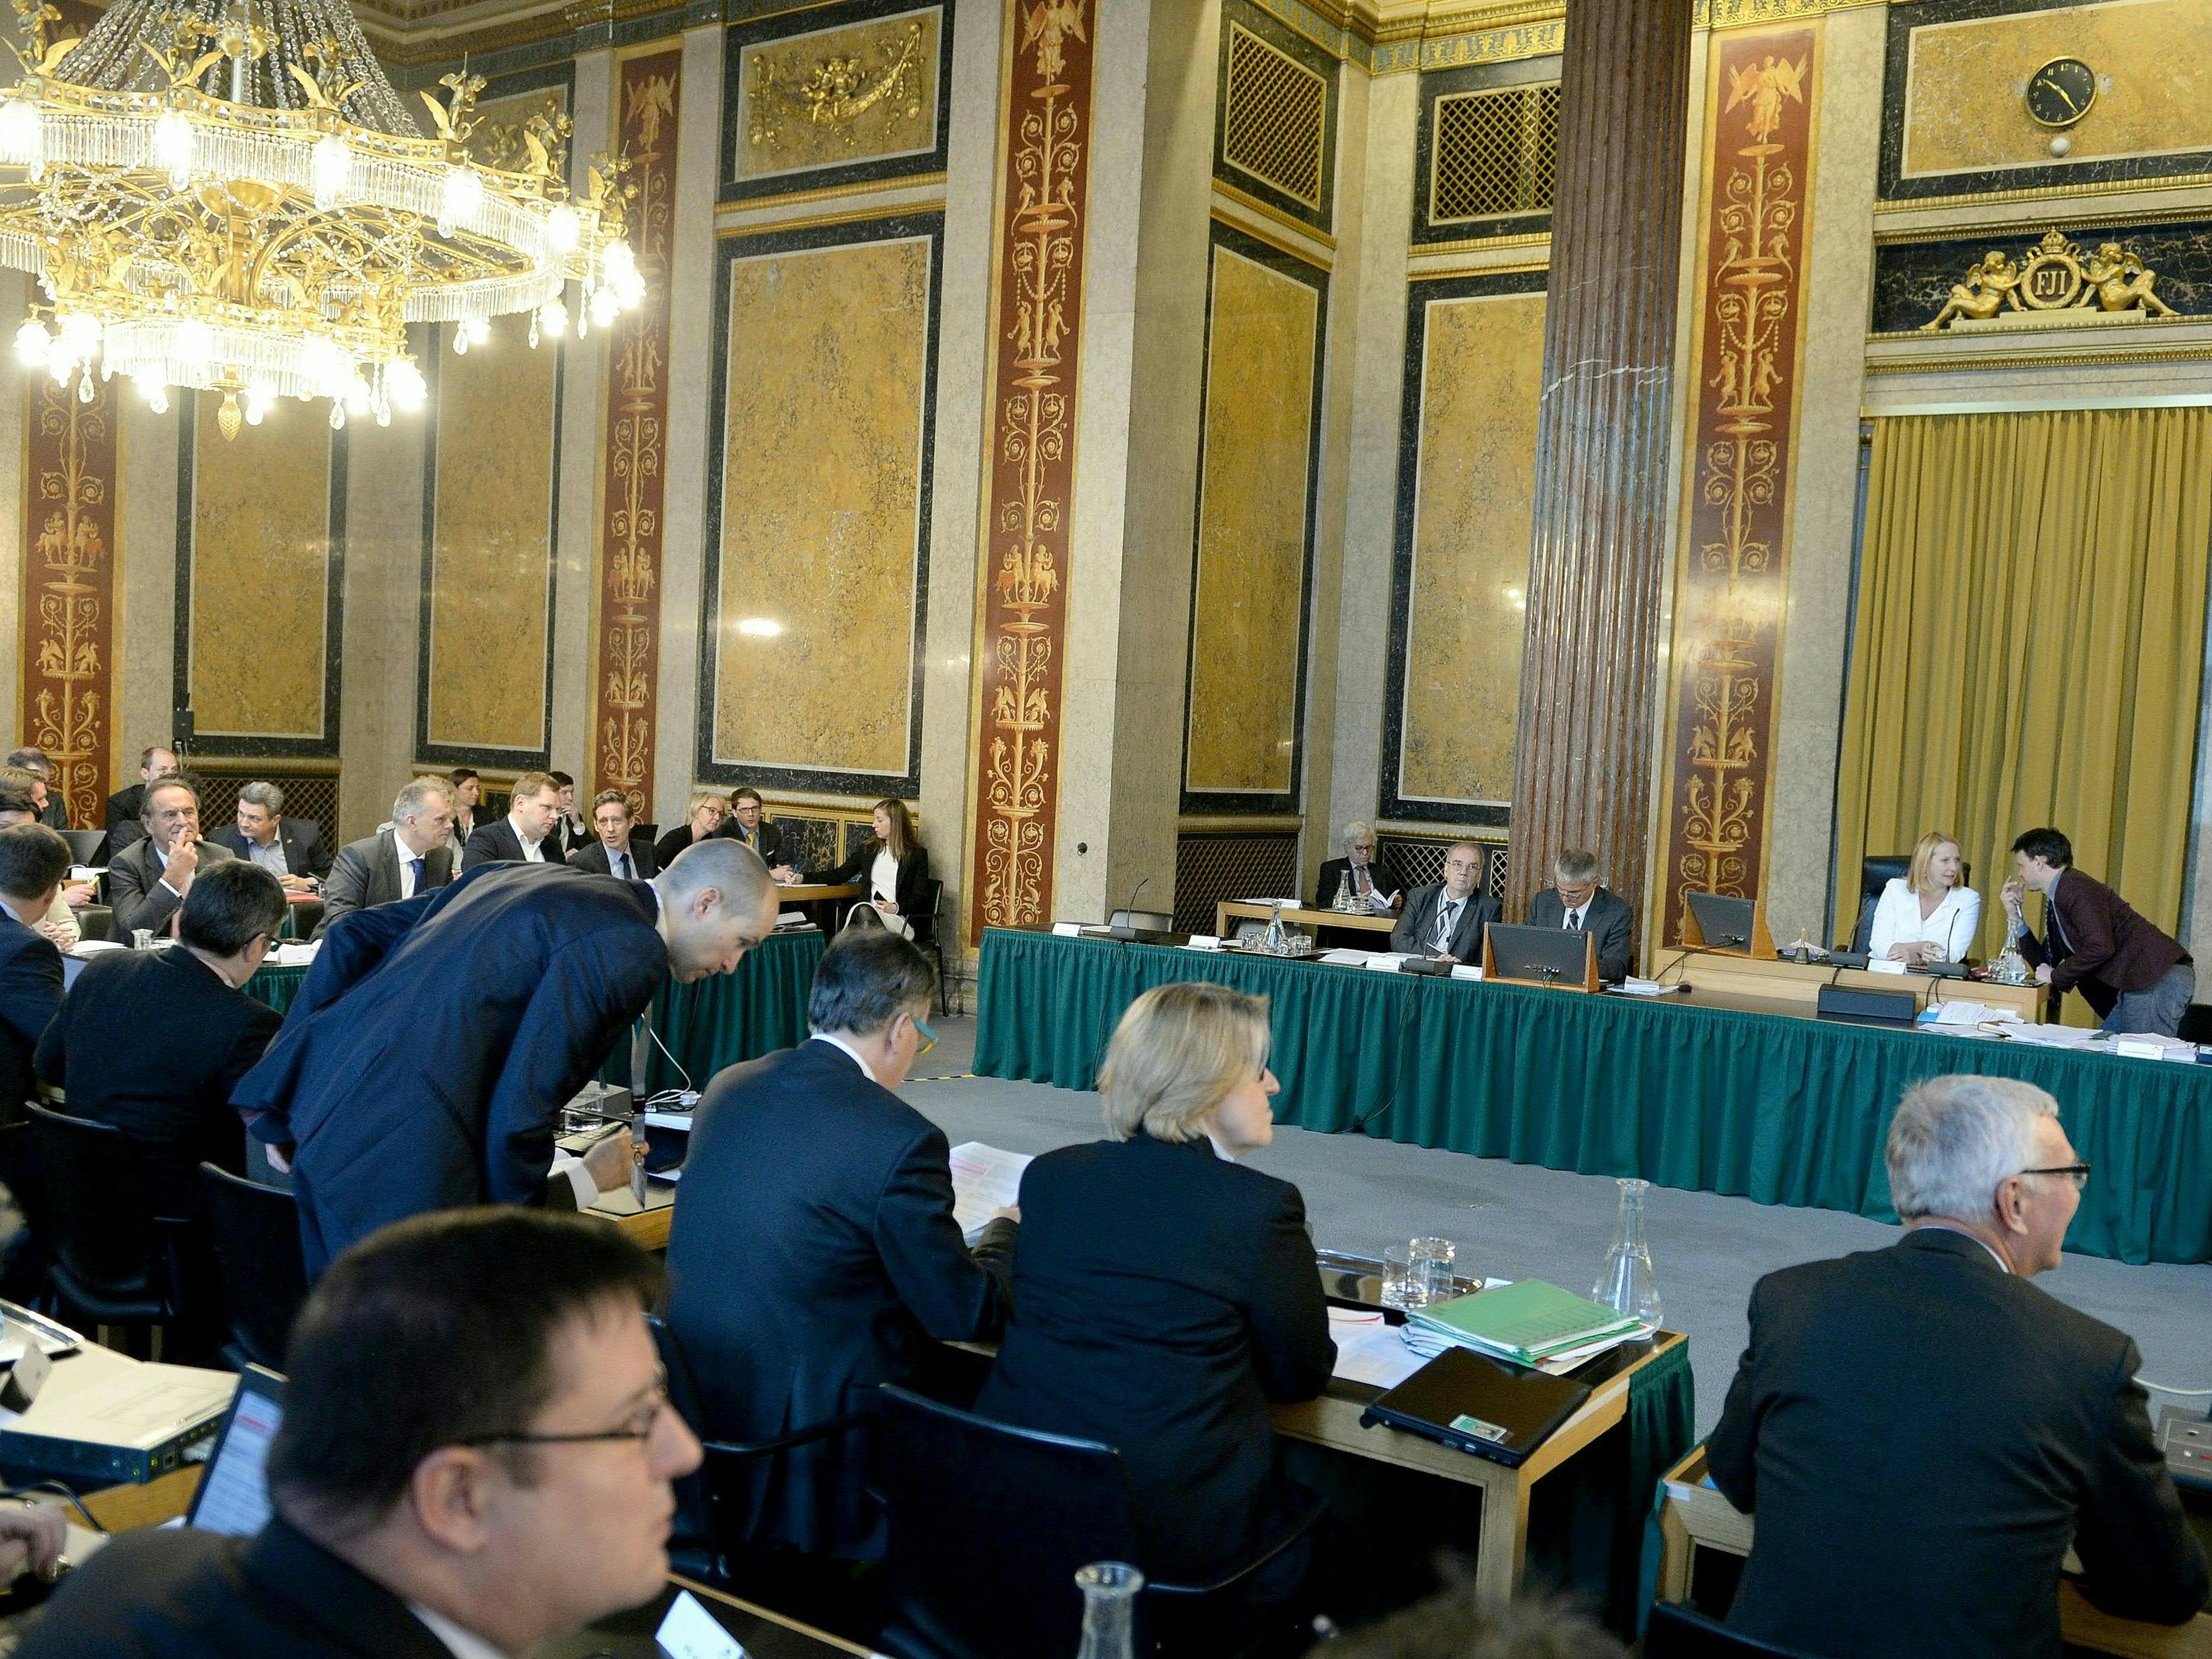 Beim U-Ausschuss zur Hypo Alpe Adria mangelt es an Transparenz, so die Opposition.